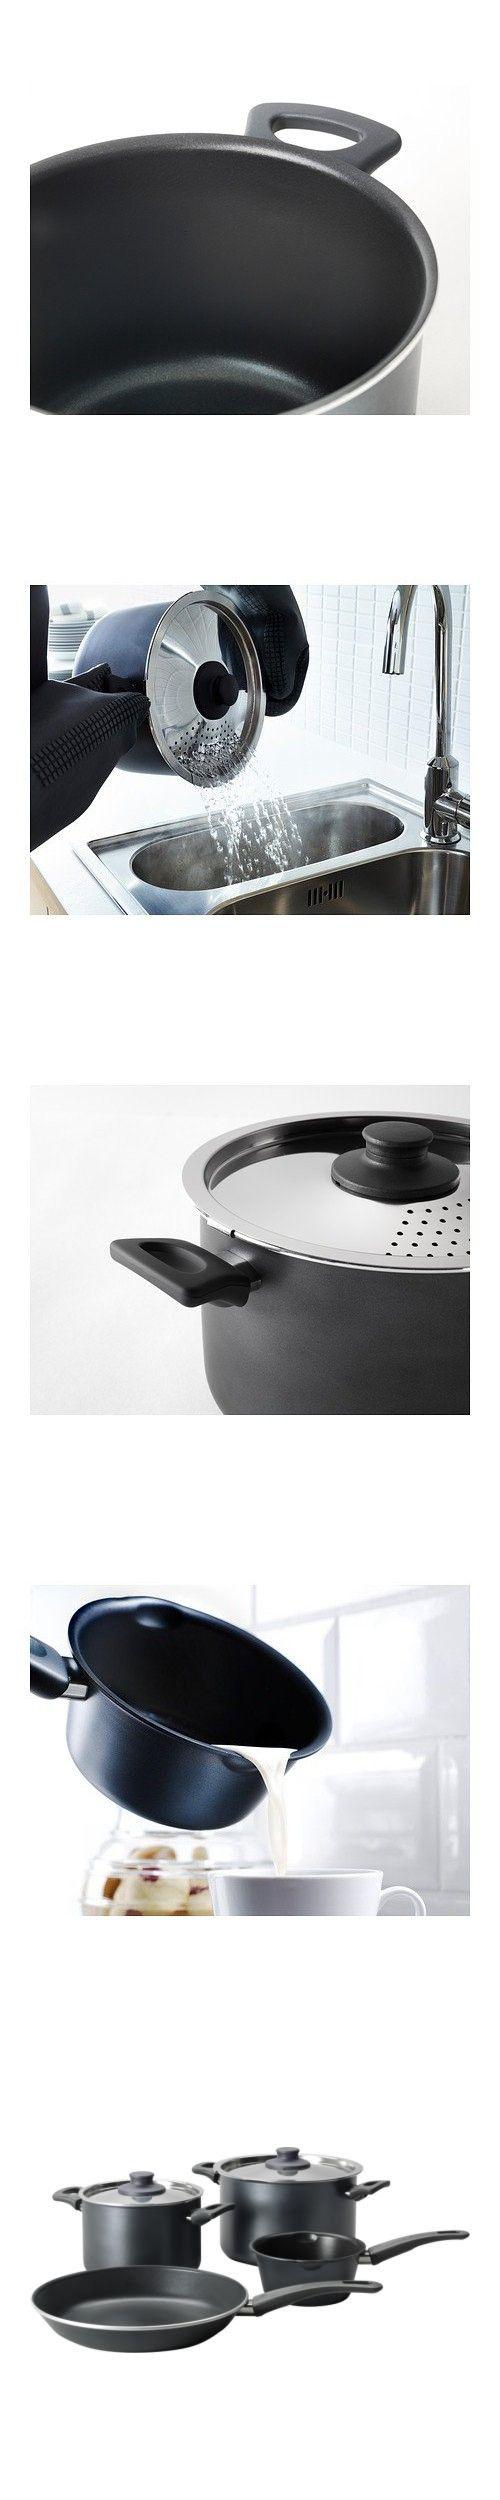 """5deac91d4 IKEA - SKГ""""NKA 6-piece cookware set, gray   Kitchen Cookware Sets ..."""